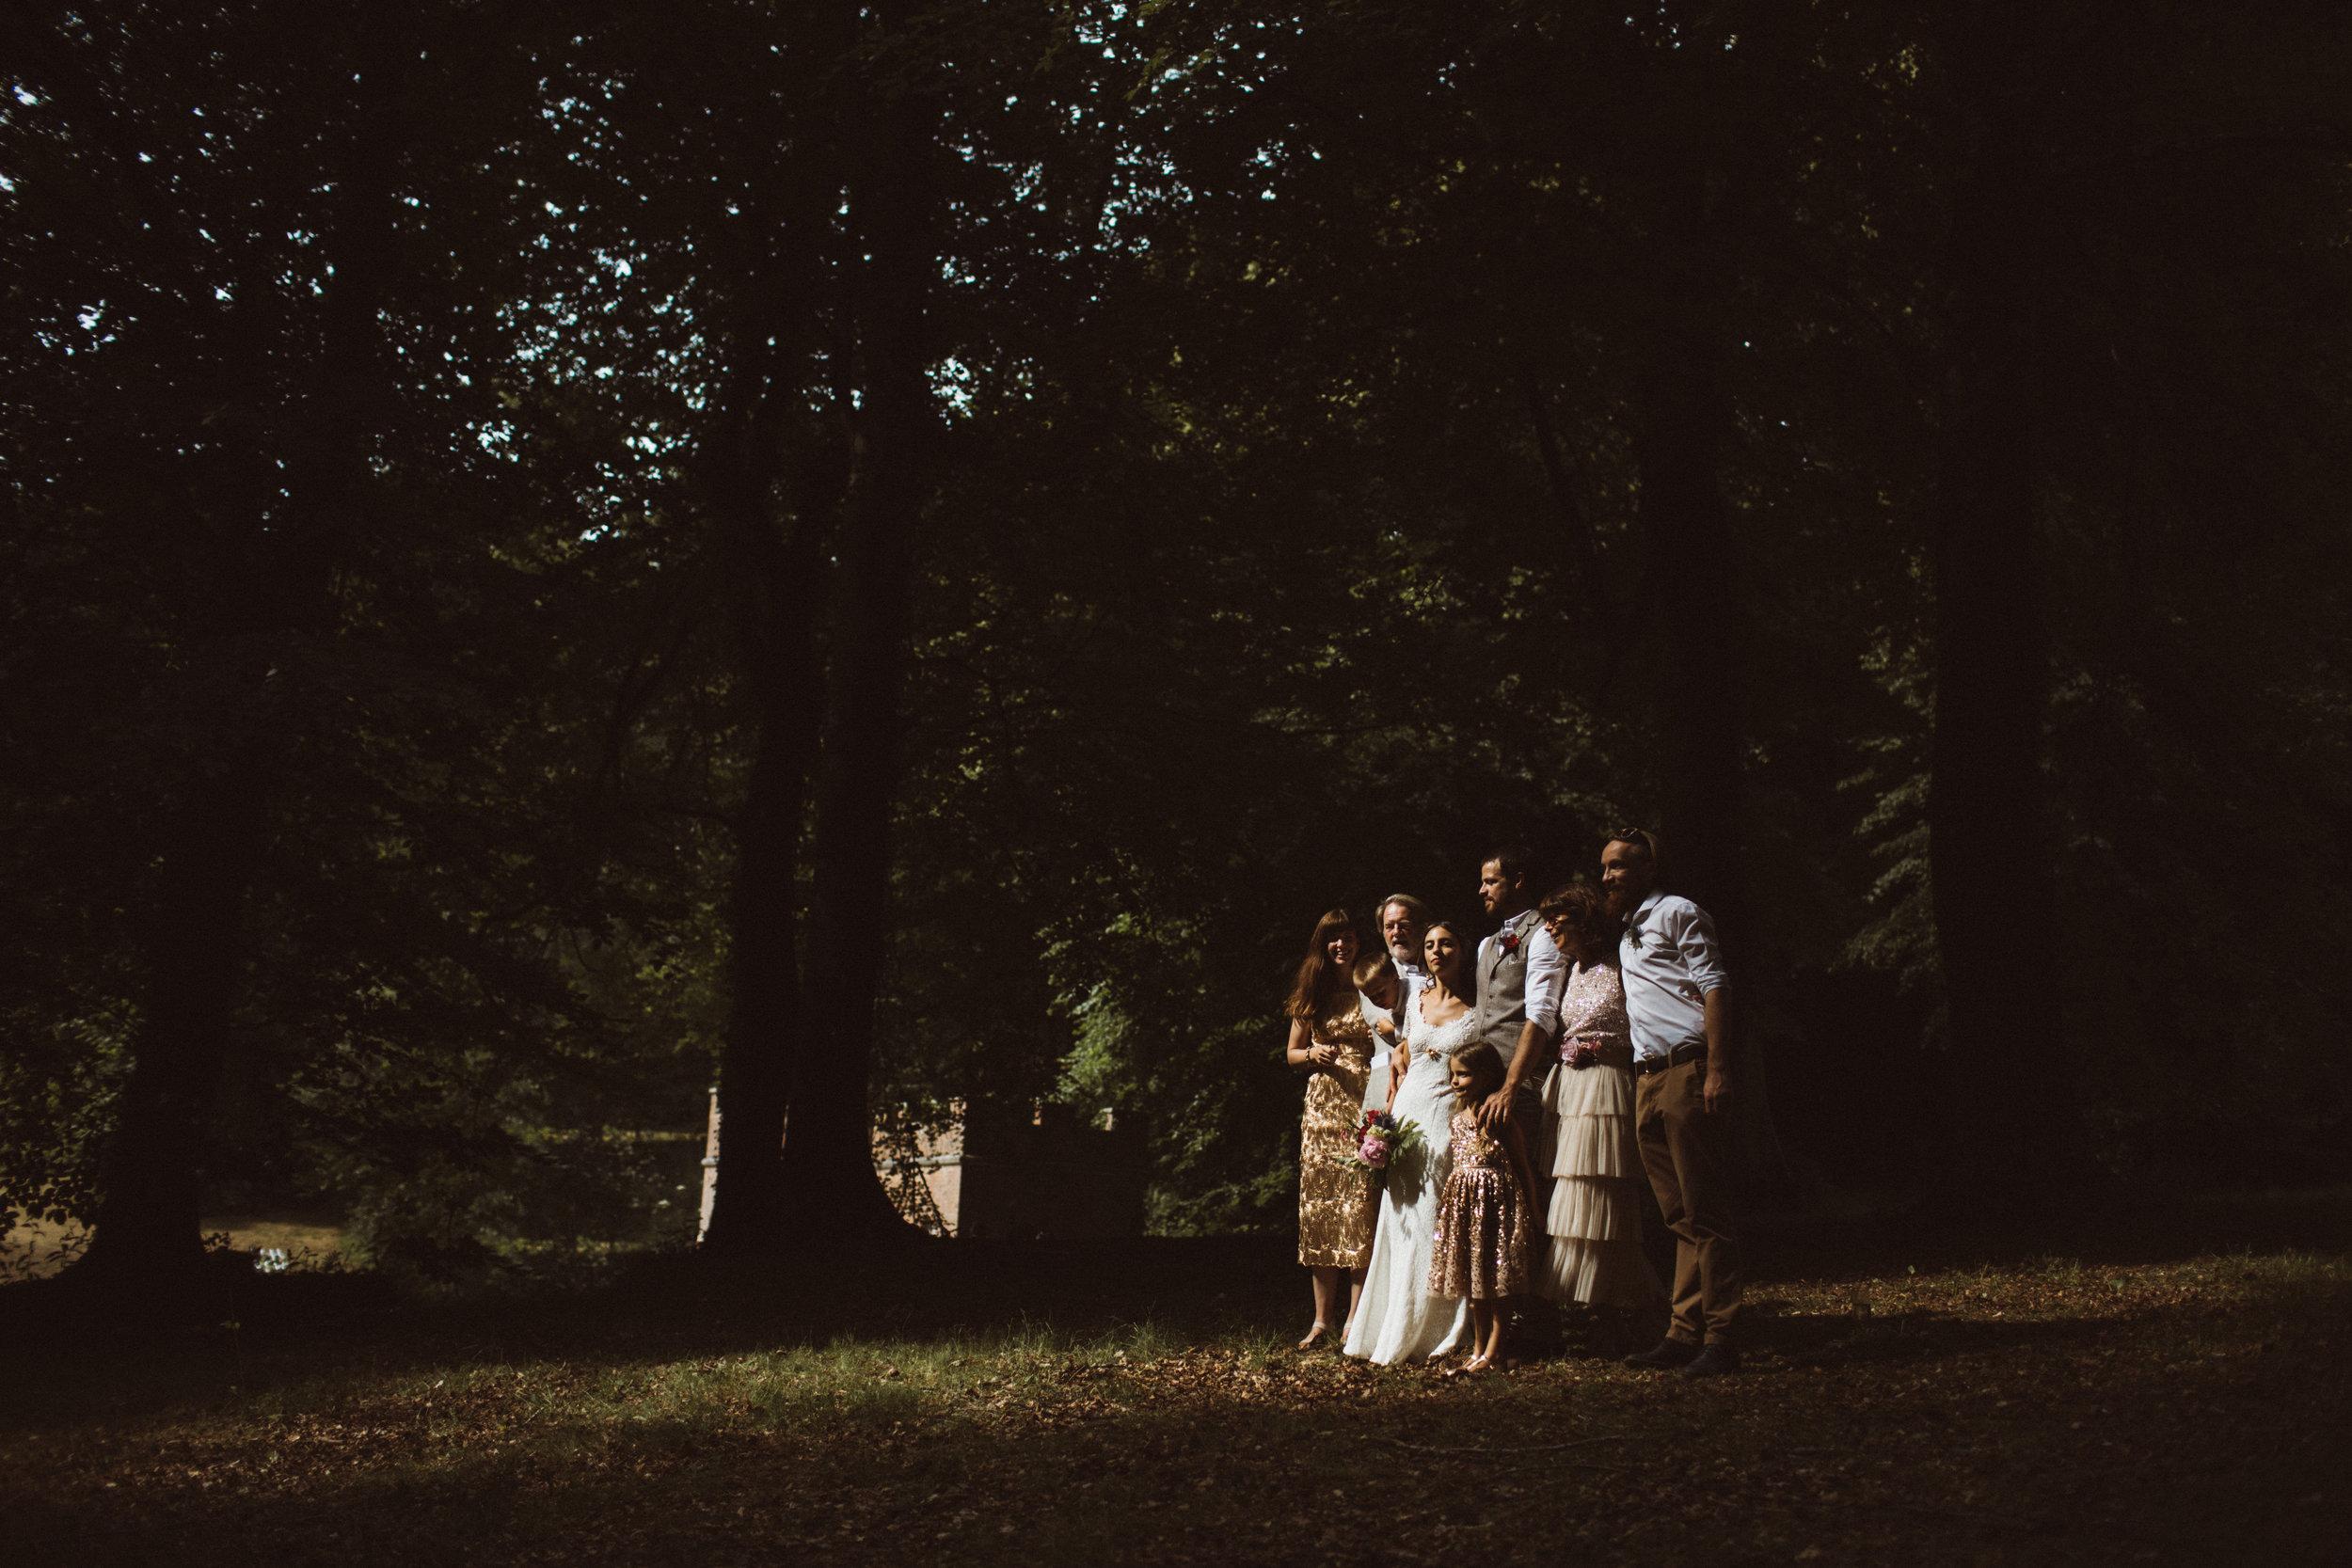 powderham castle wedding 01.jpg